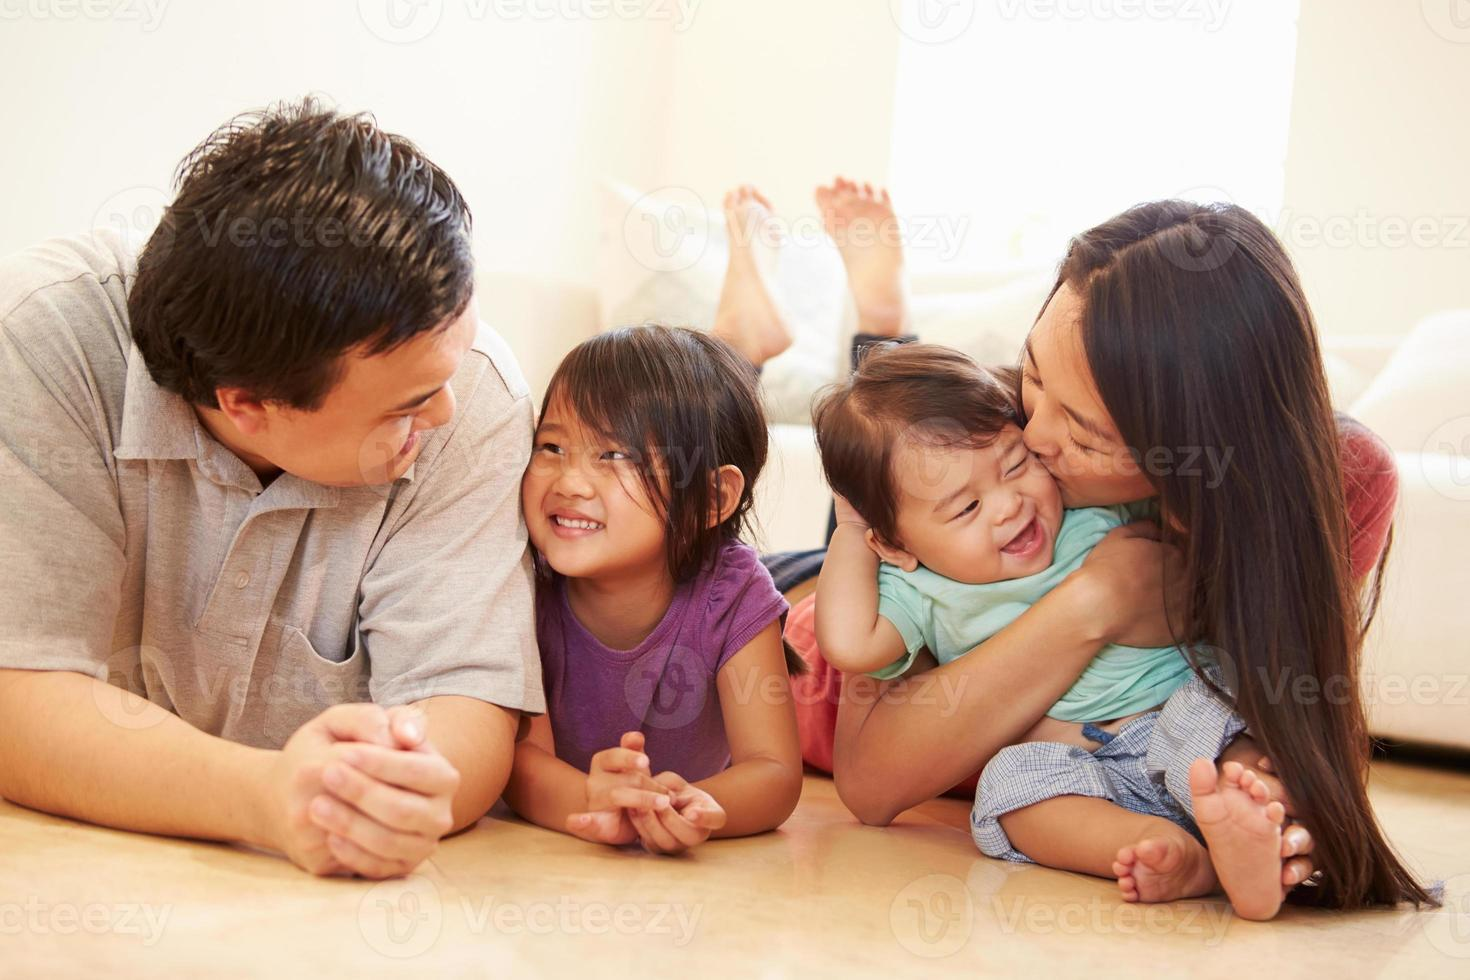 retrato de família, deitado no chão em casa foto